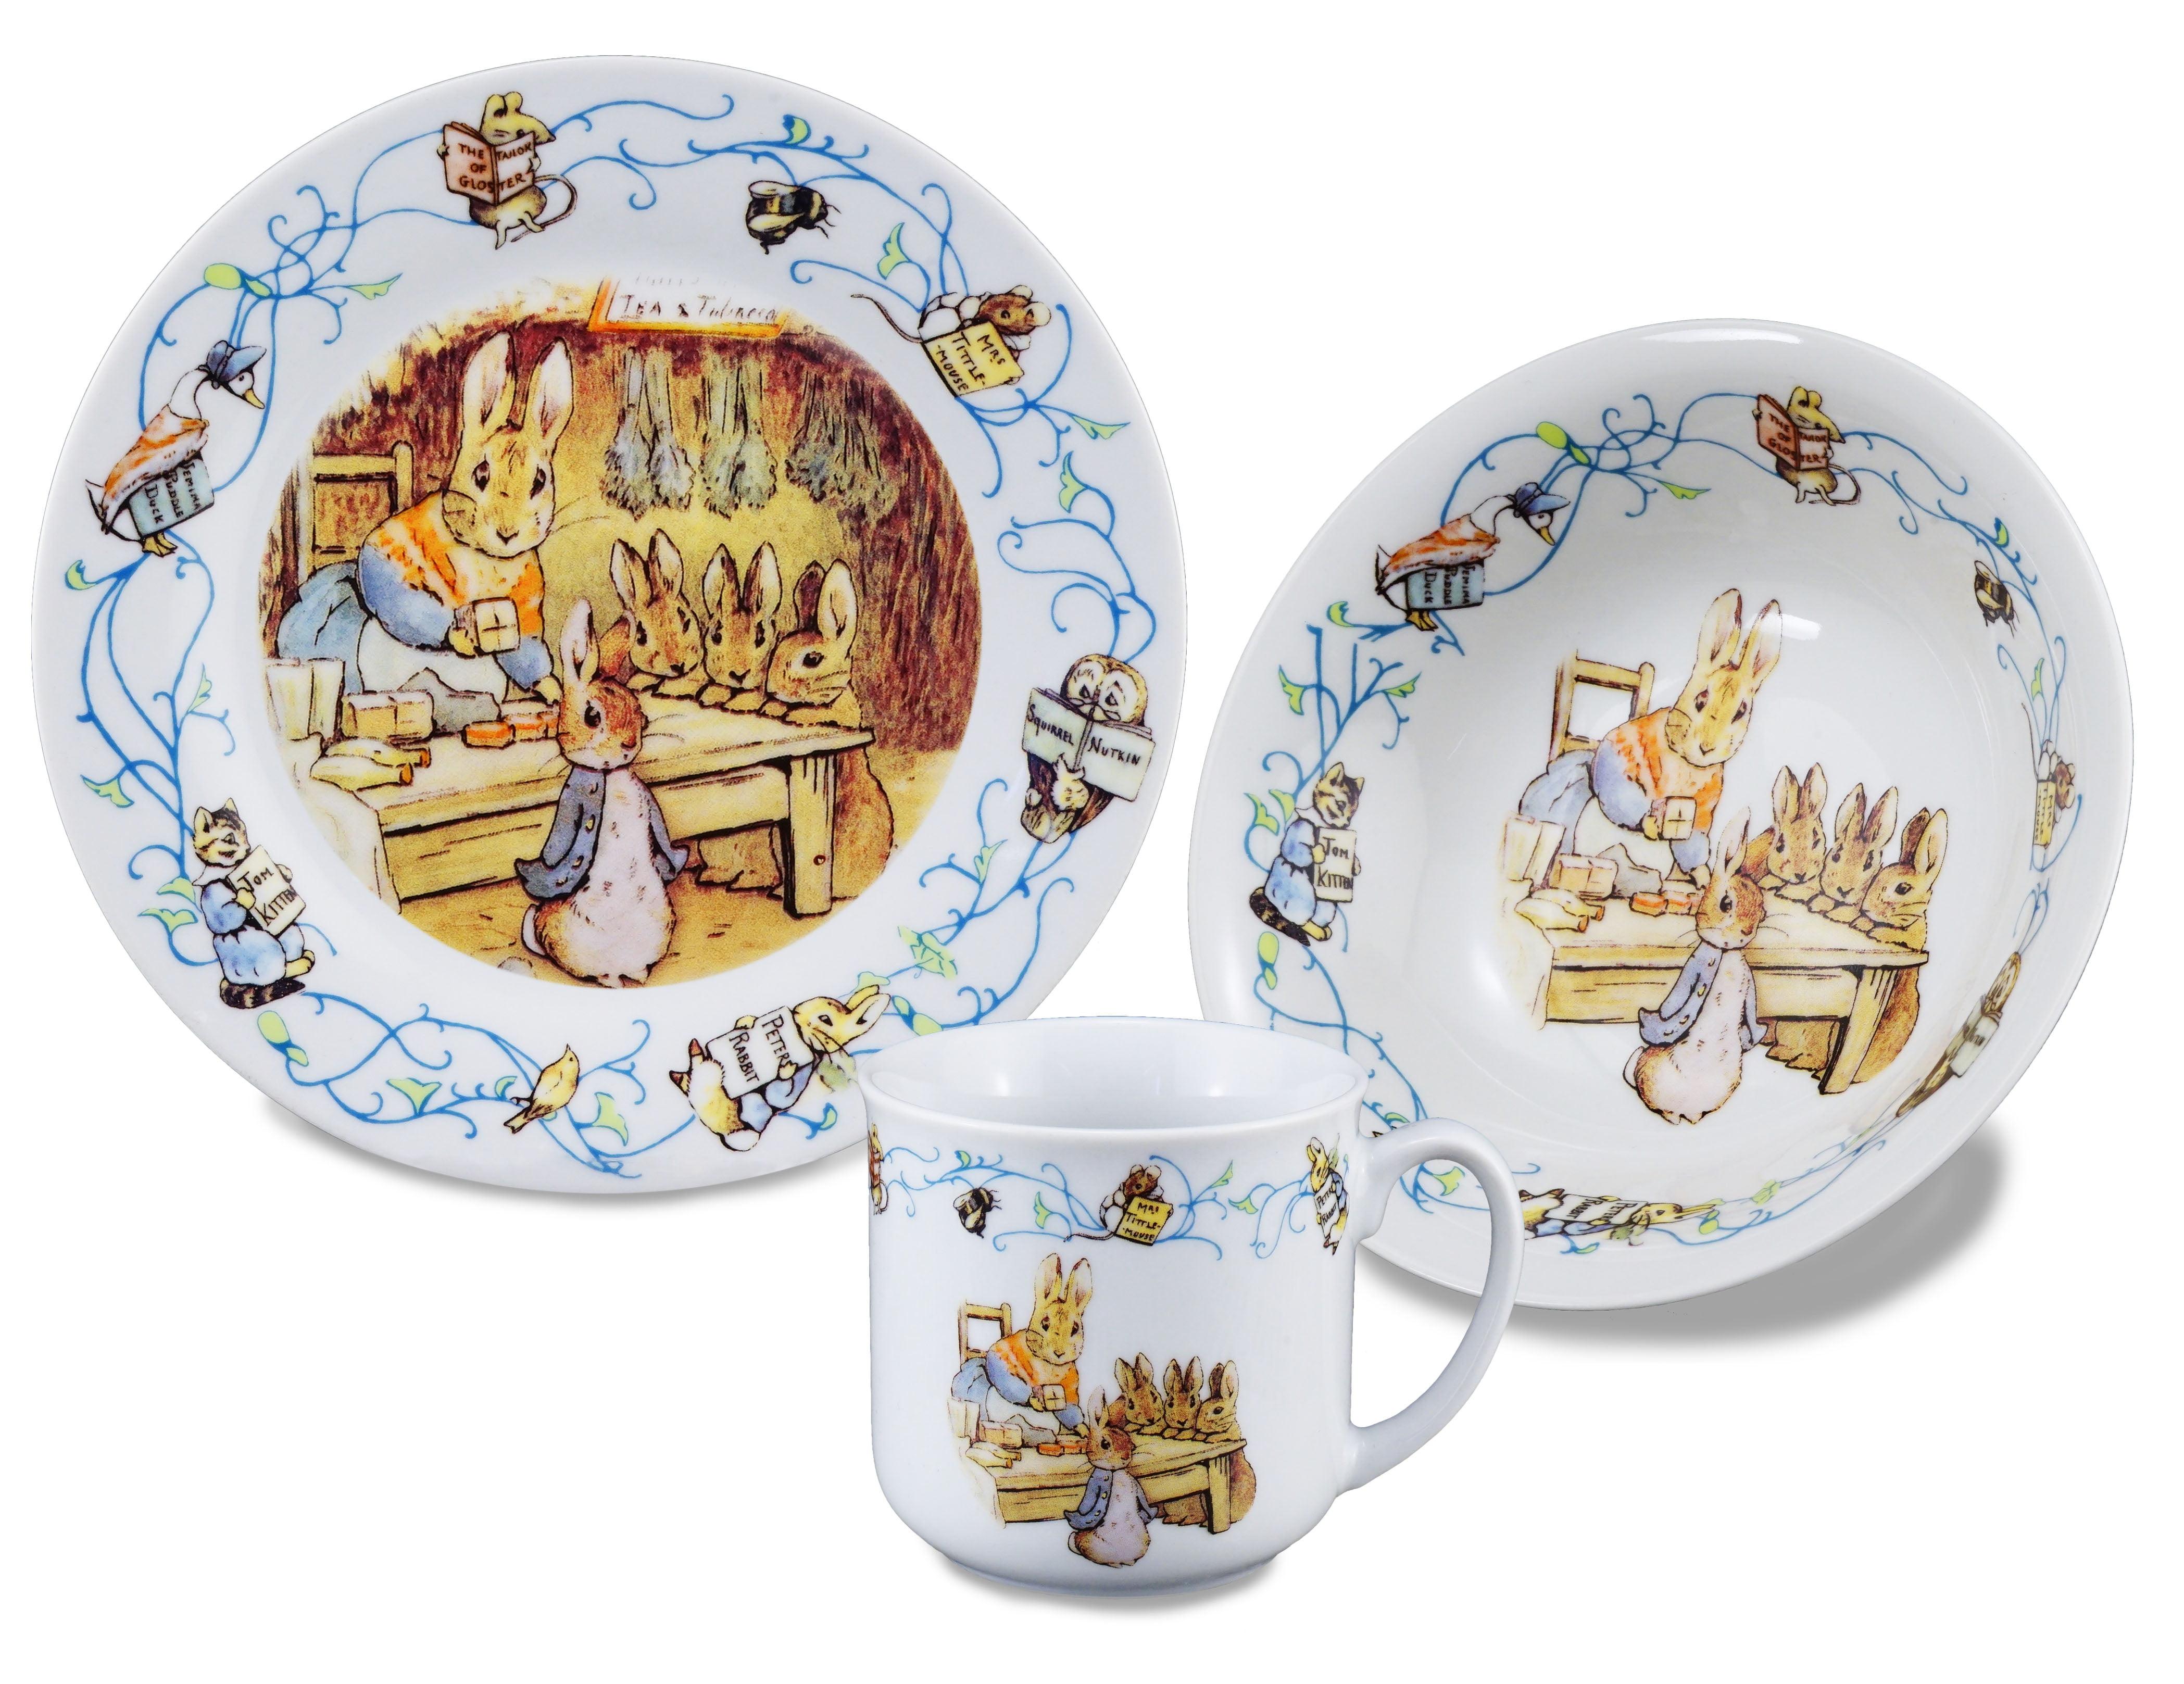 Reutter Porcelain Beatrix Potter 150th Anniversary 3 Piece